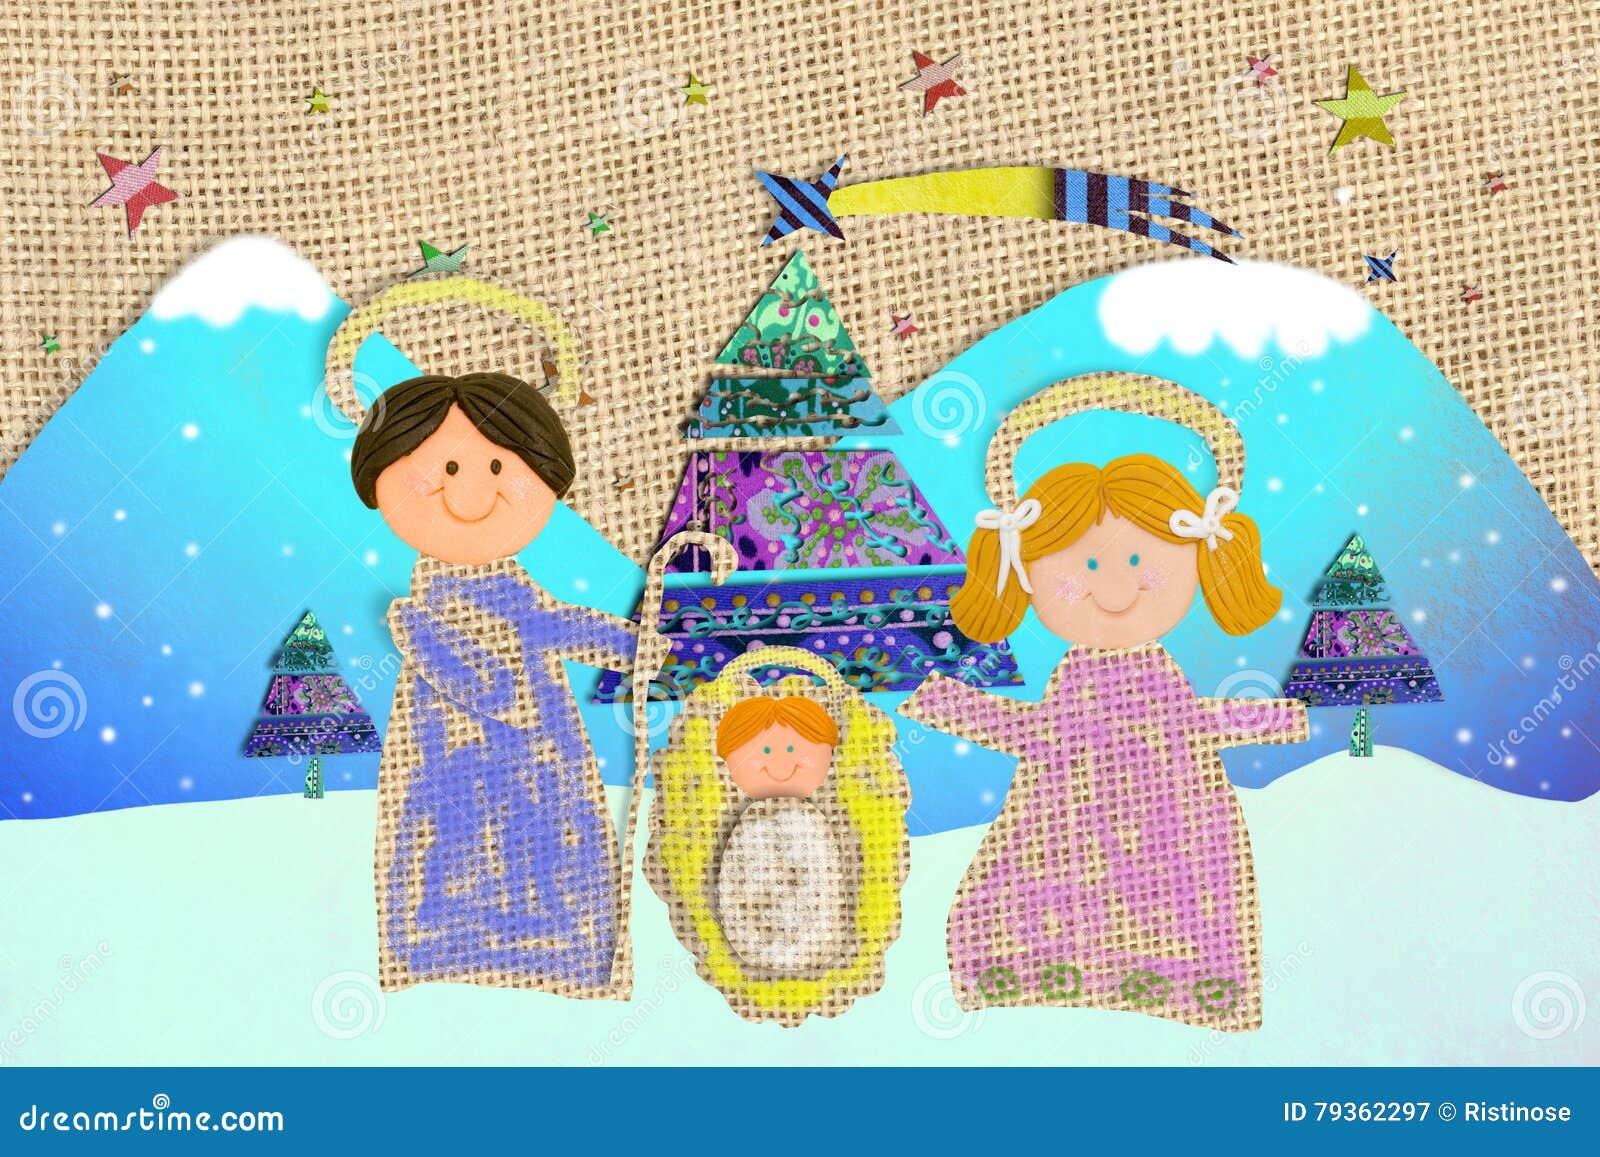 Christmas Card Nativity Scene Childlike Style Stock Image - Image of ...